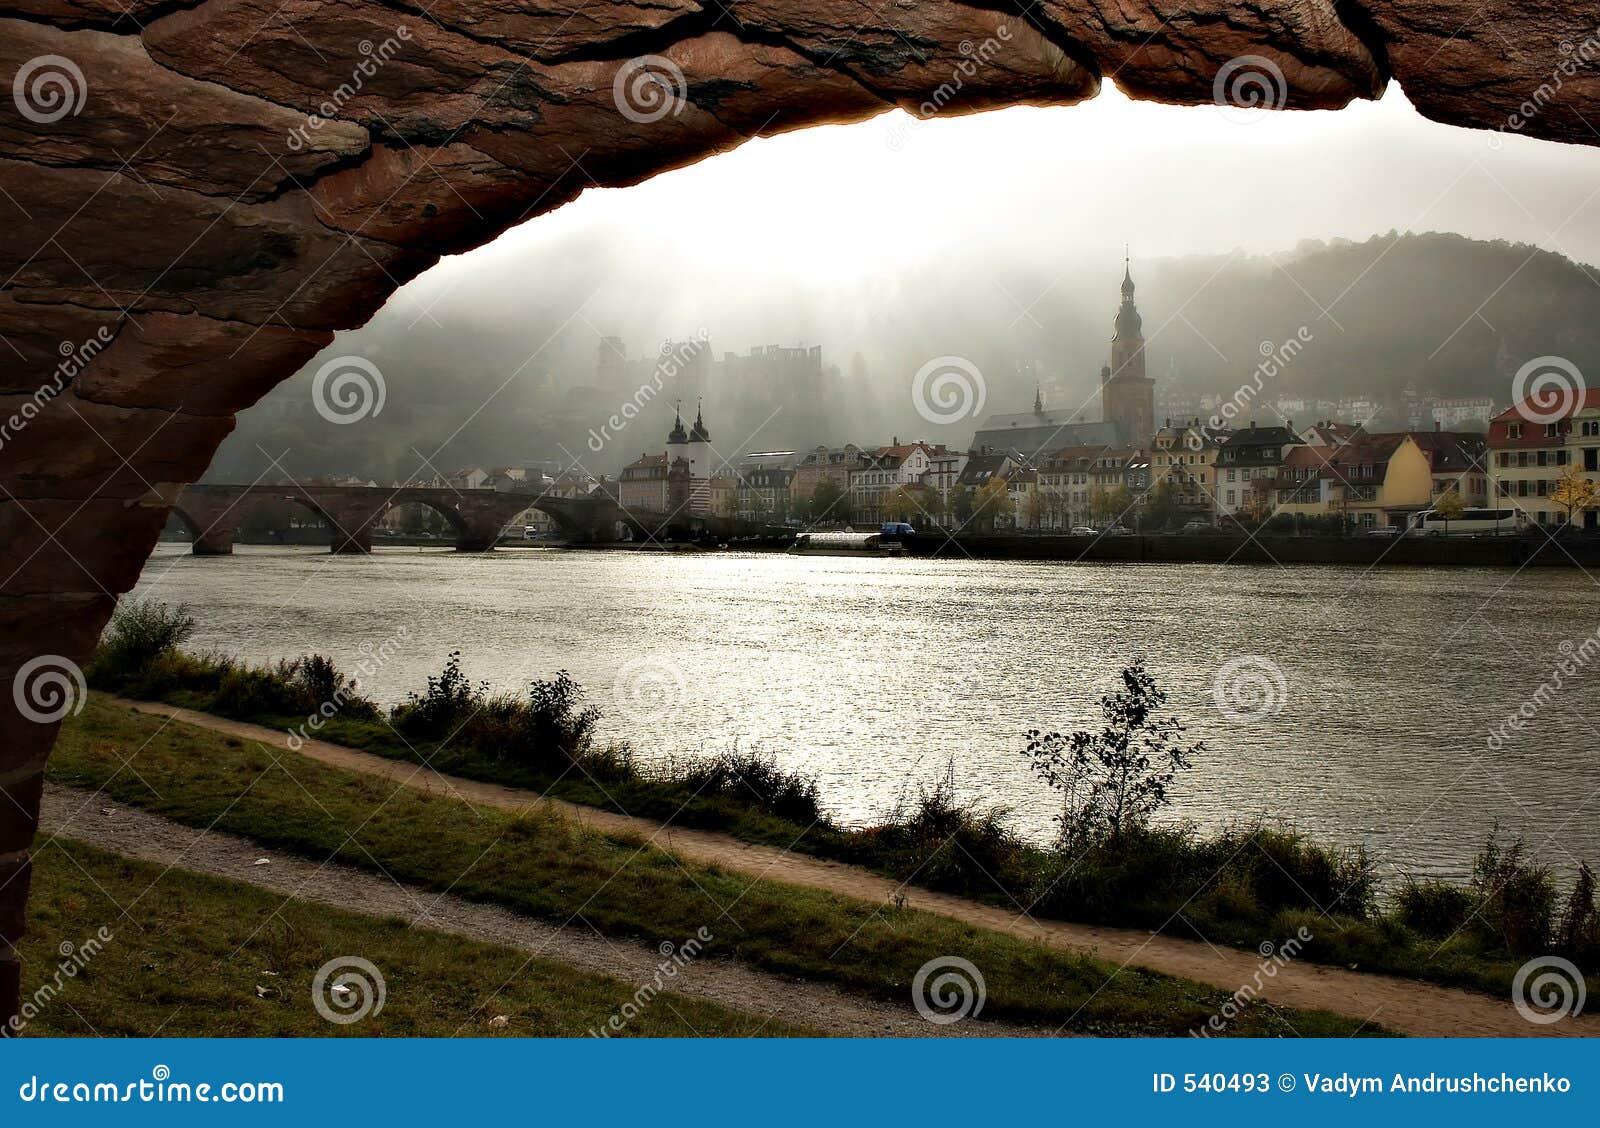 Download 曲拱城市 库存图片. 图片 包括有 教会, 城堡, 样式, 布哈拉, 有雾, 欧洲, 早晨, 城市, 德国, 小山 - 540493